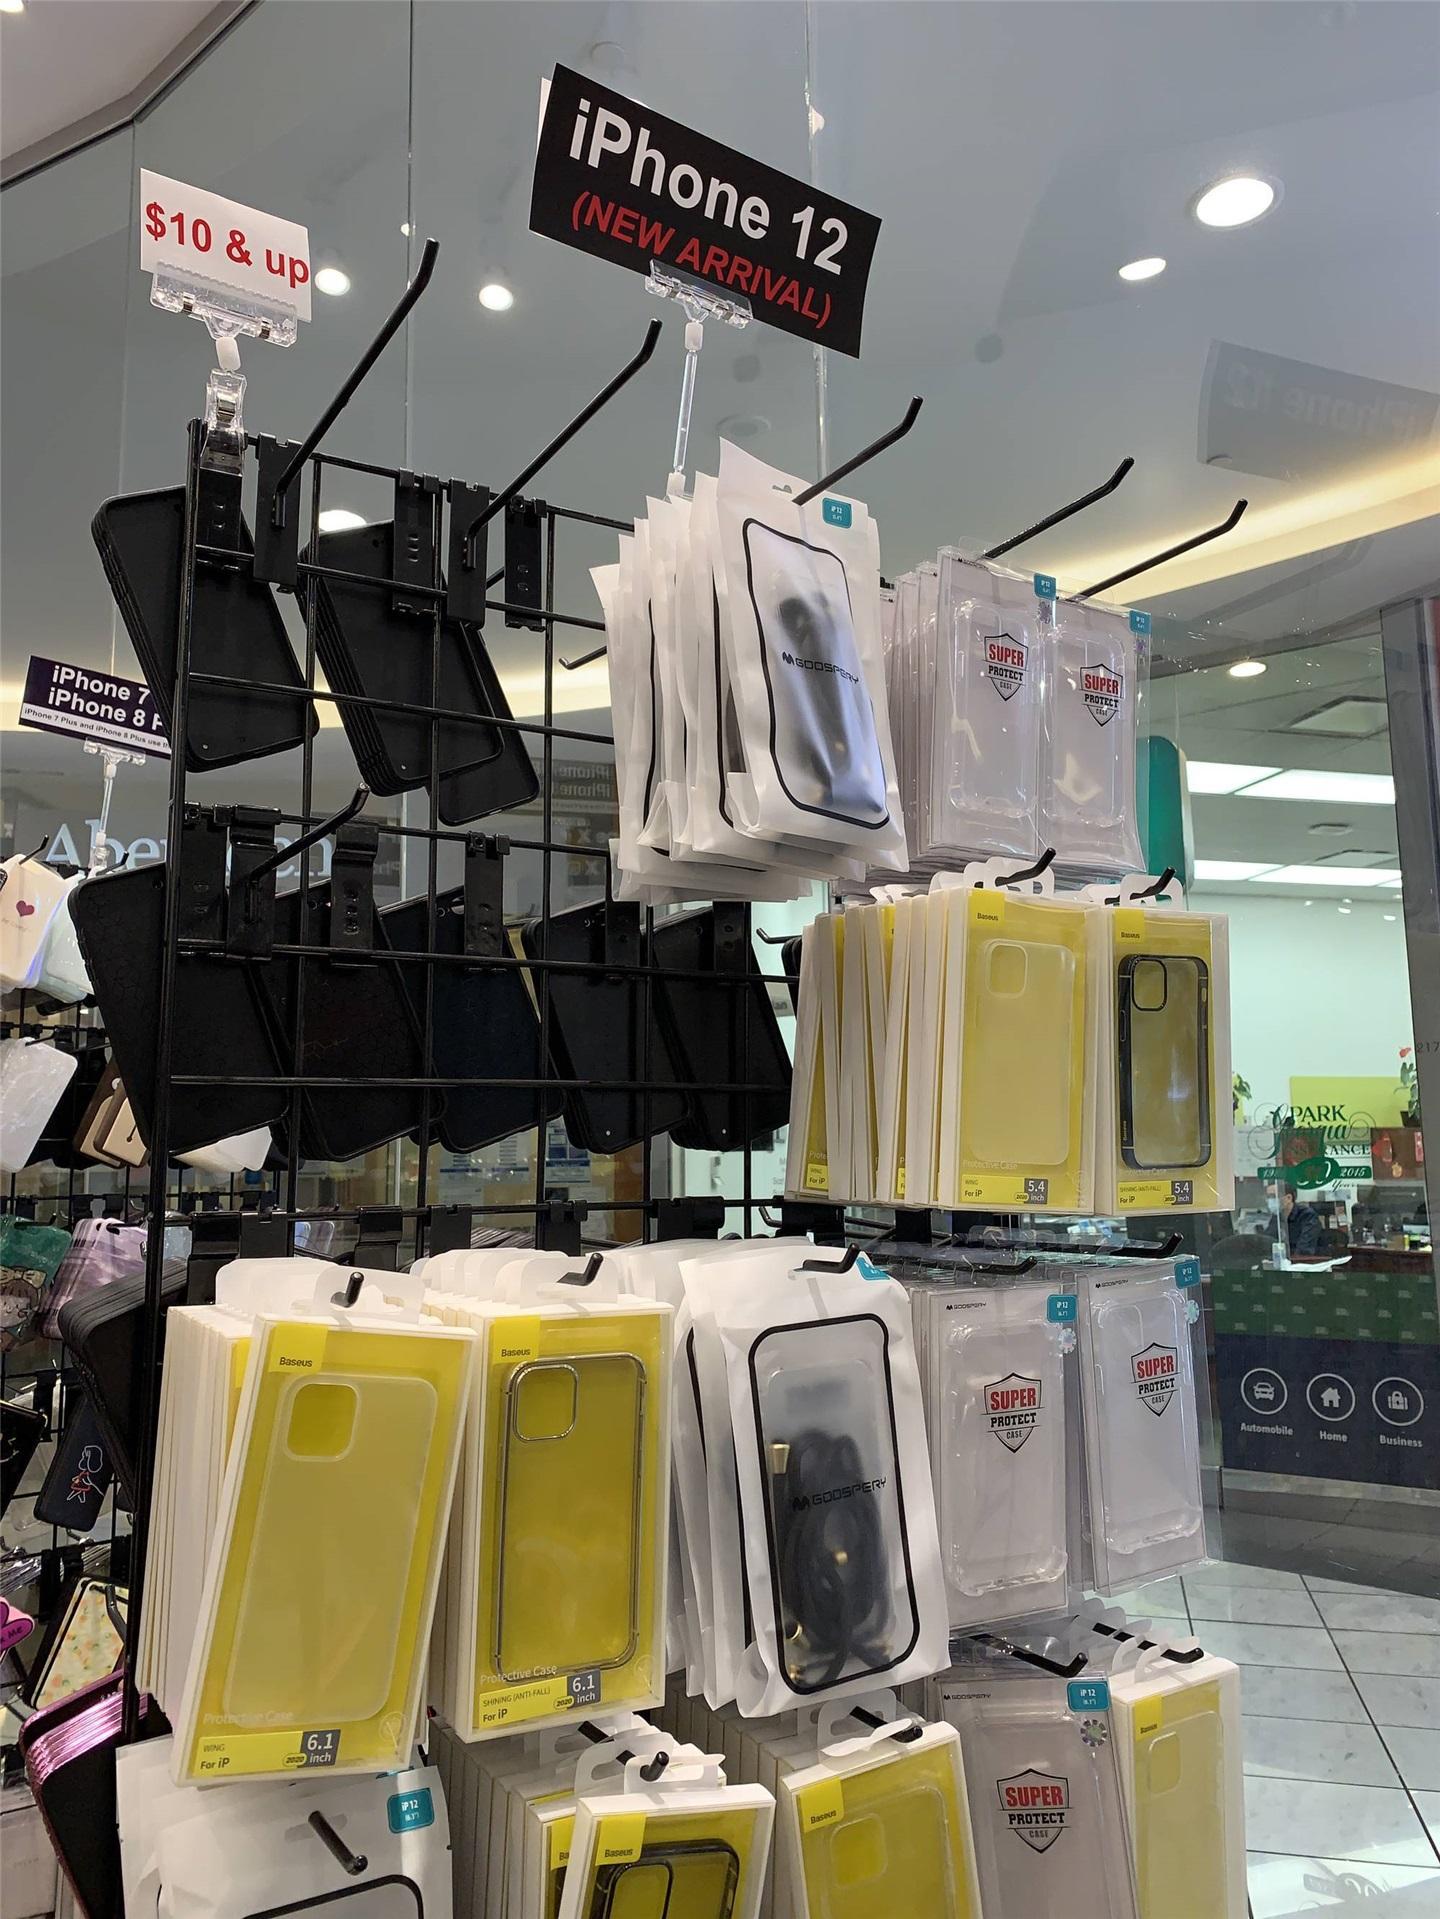 苹果官方和第三方配件商暗示 iPhone 12 系列新机仍有望今晚发布